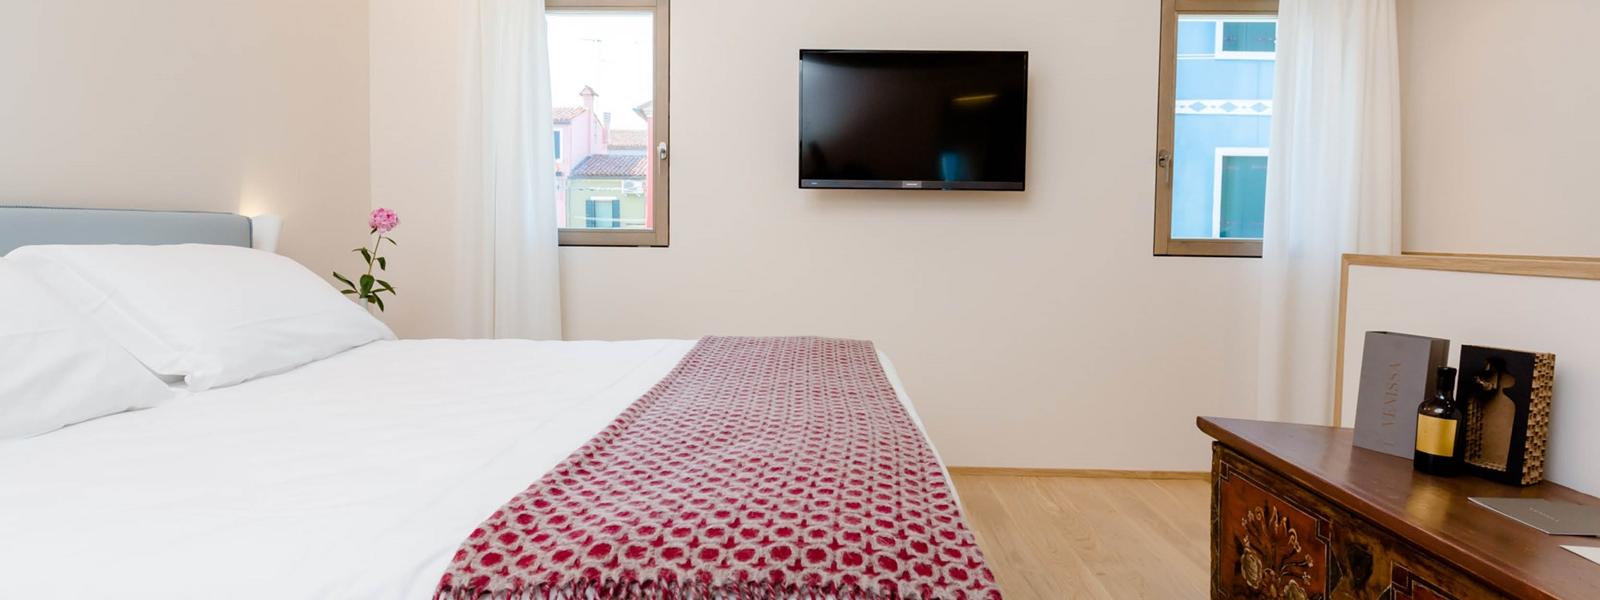 Hotel Burano camera suite